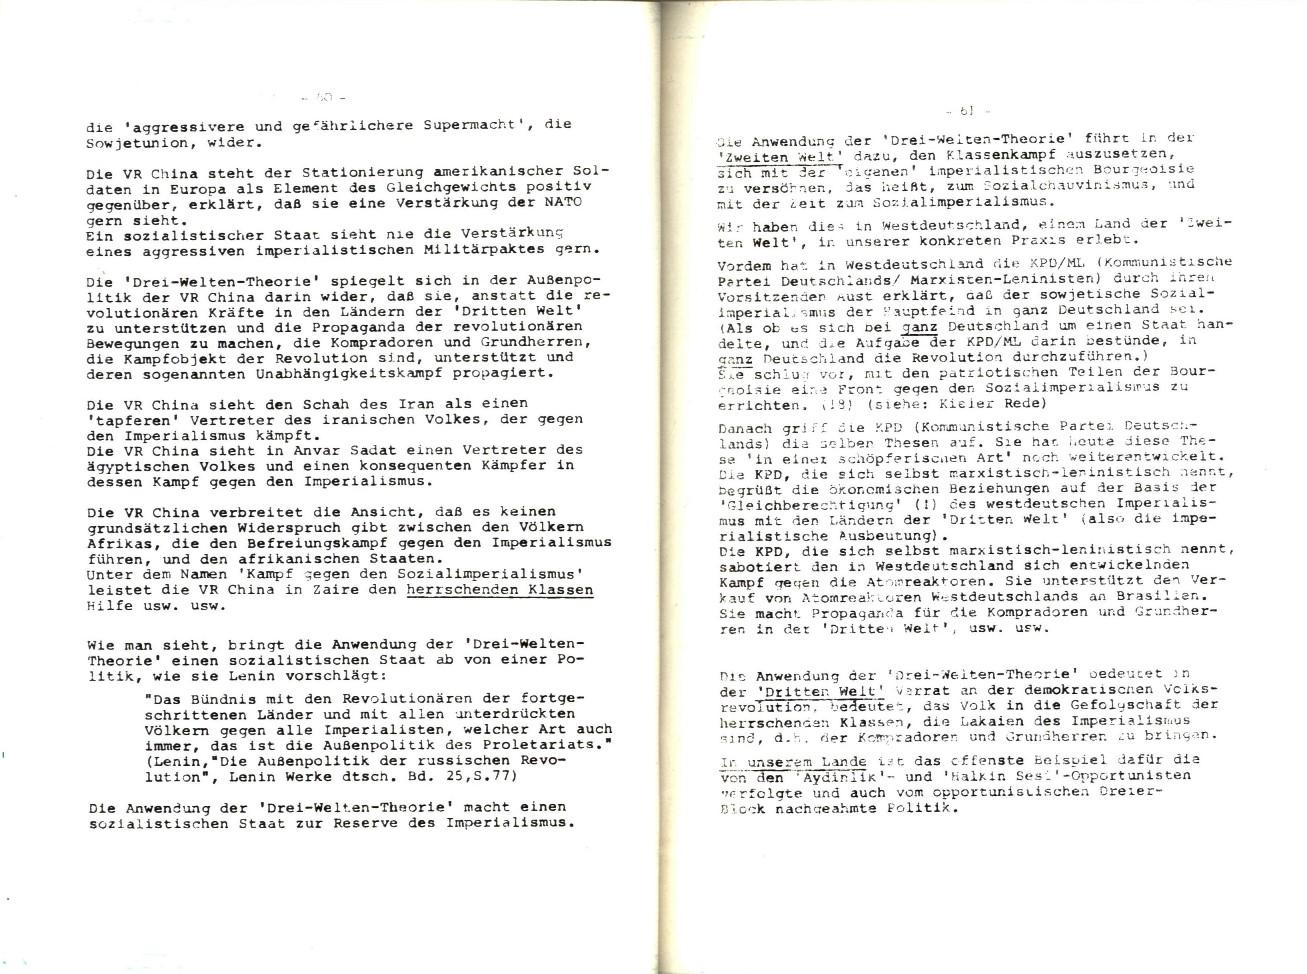 MLSK_Theorie_und_Praxis_des_ML_1978_21_39